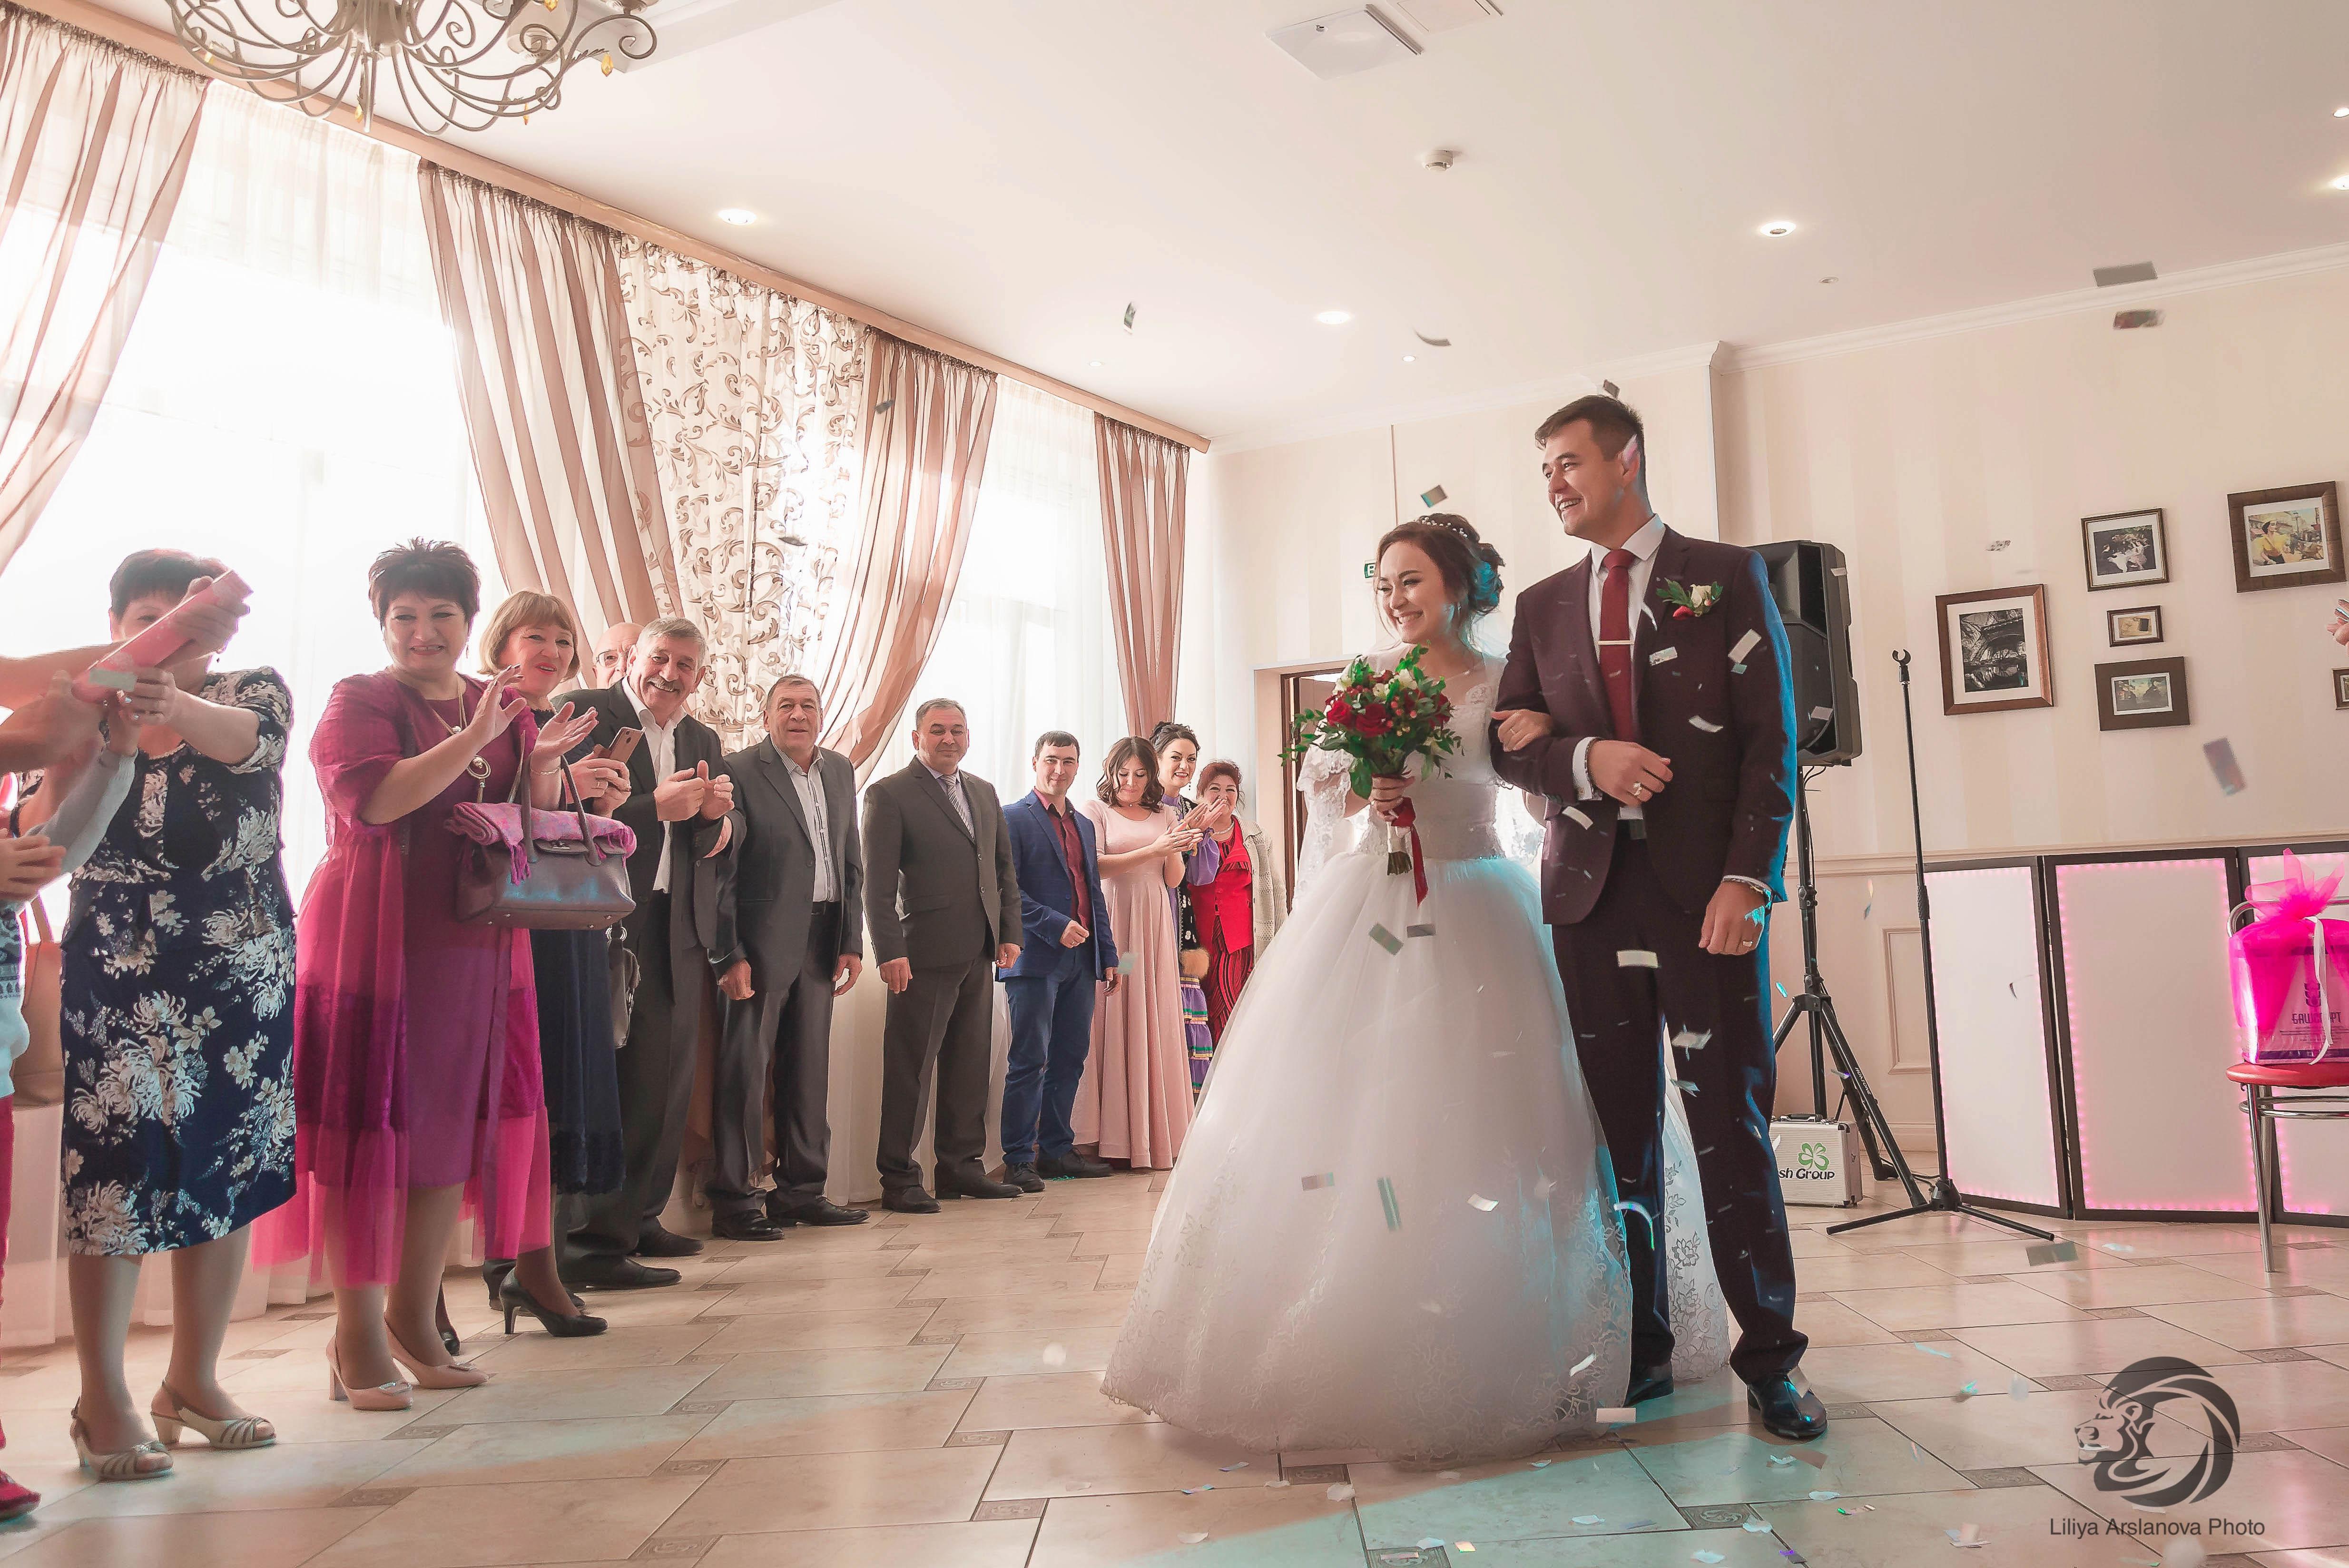 Встреча молодожён родными на банкете. Свадебный фотограф Стерлитамак , свадебный фотограф Красноусольск, фотограф на свадьбу стерлитамак недорого, фотограф свадебный цена стерлитамак санаторий красноусольск